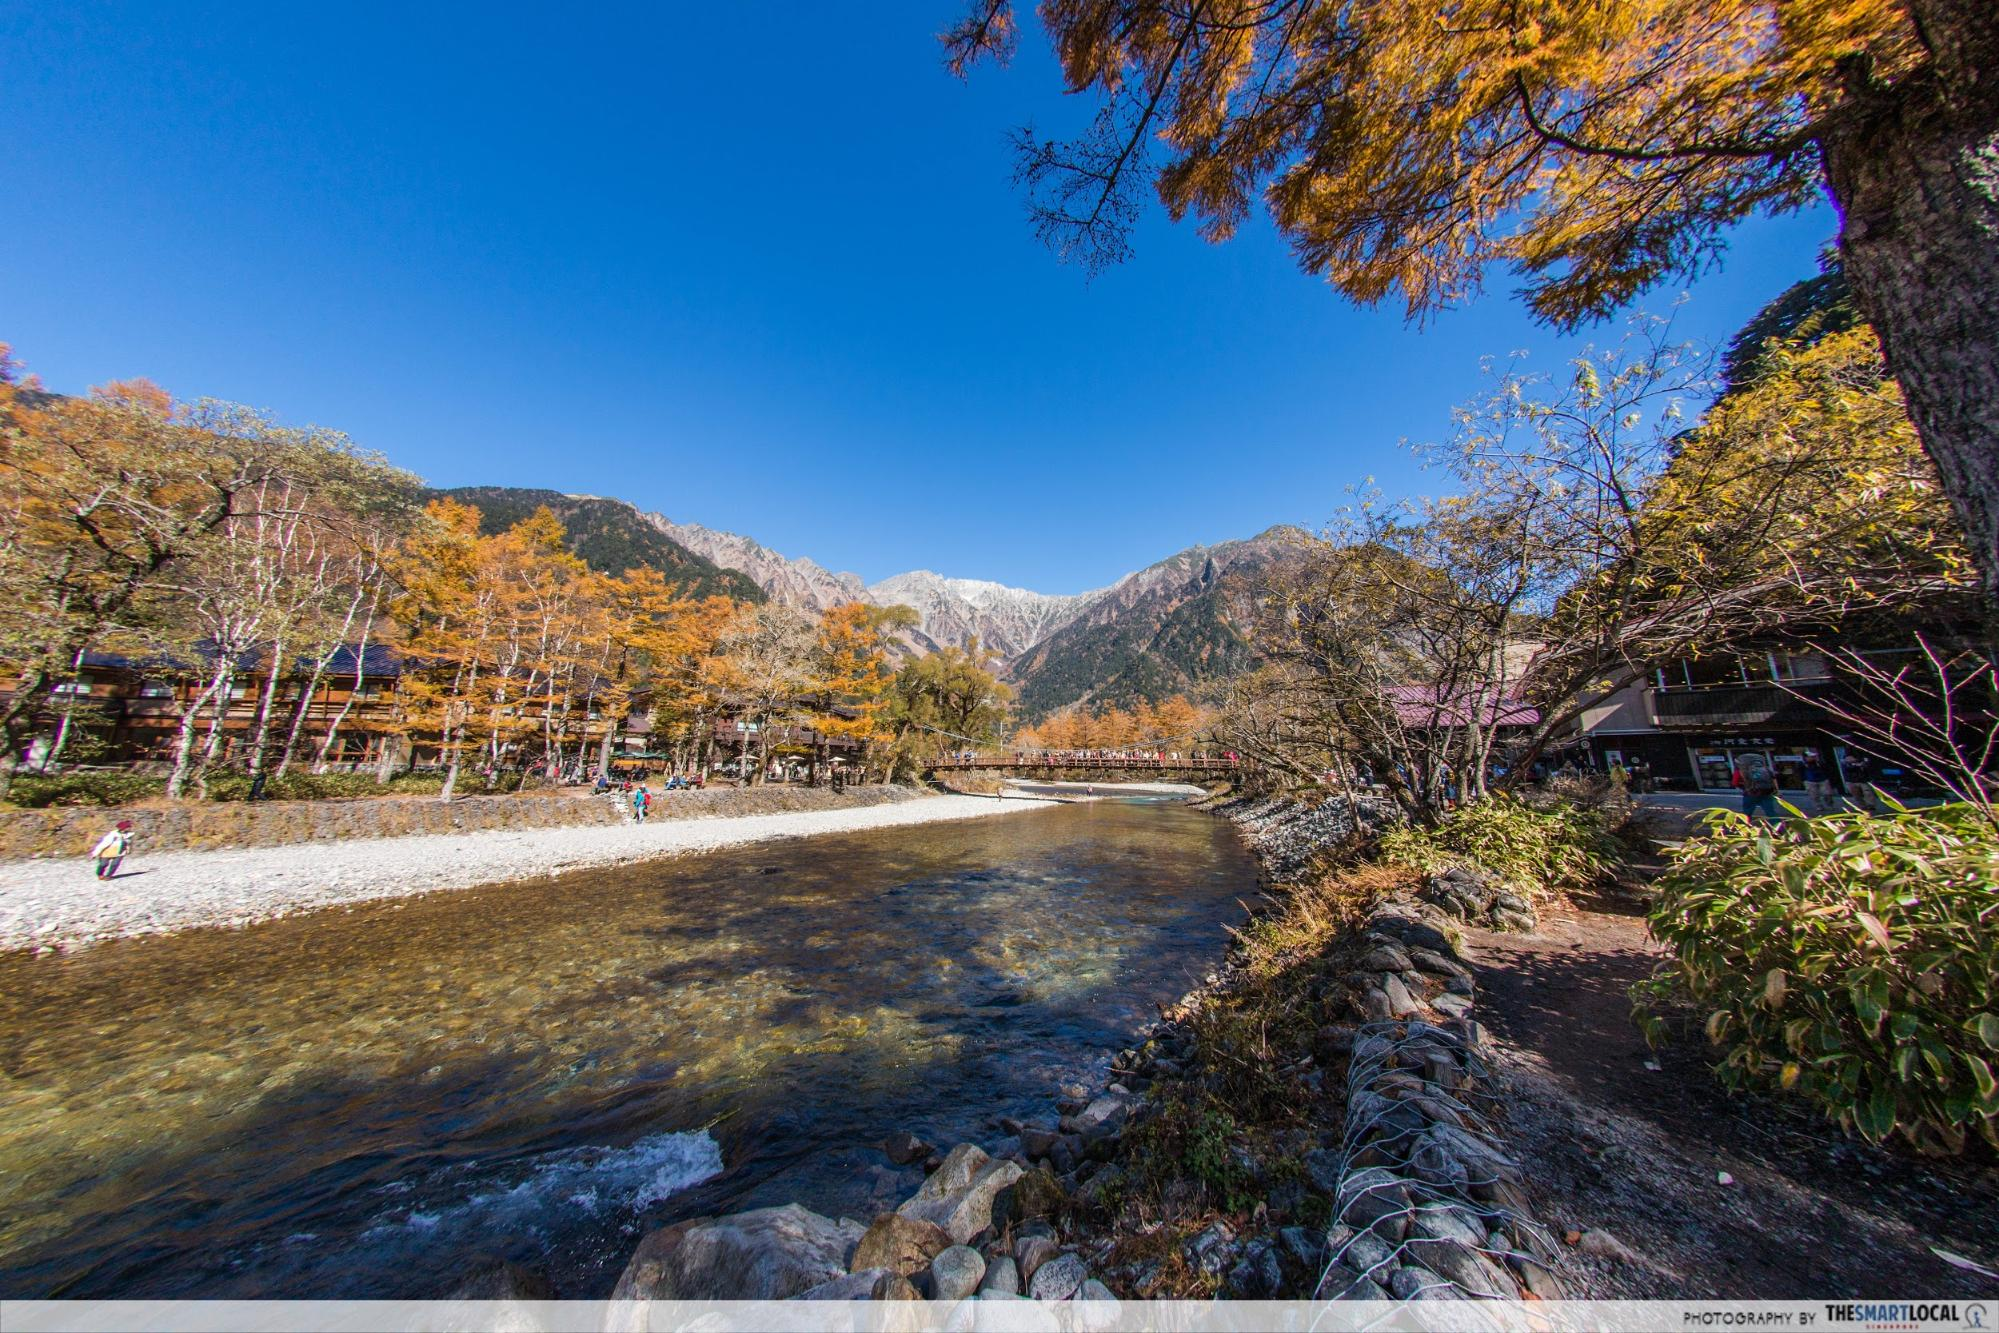 Nagano kamokochi matsumoto guide - kappa bridge